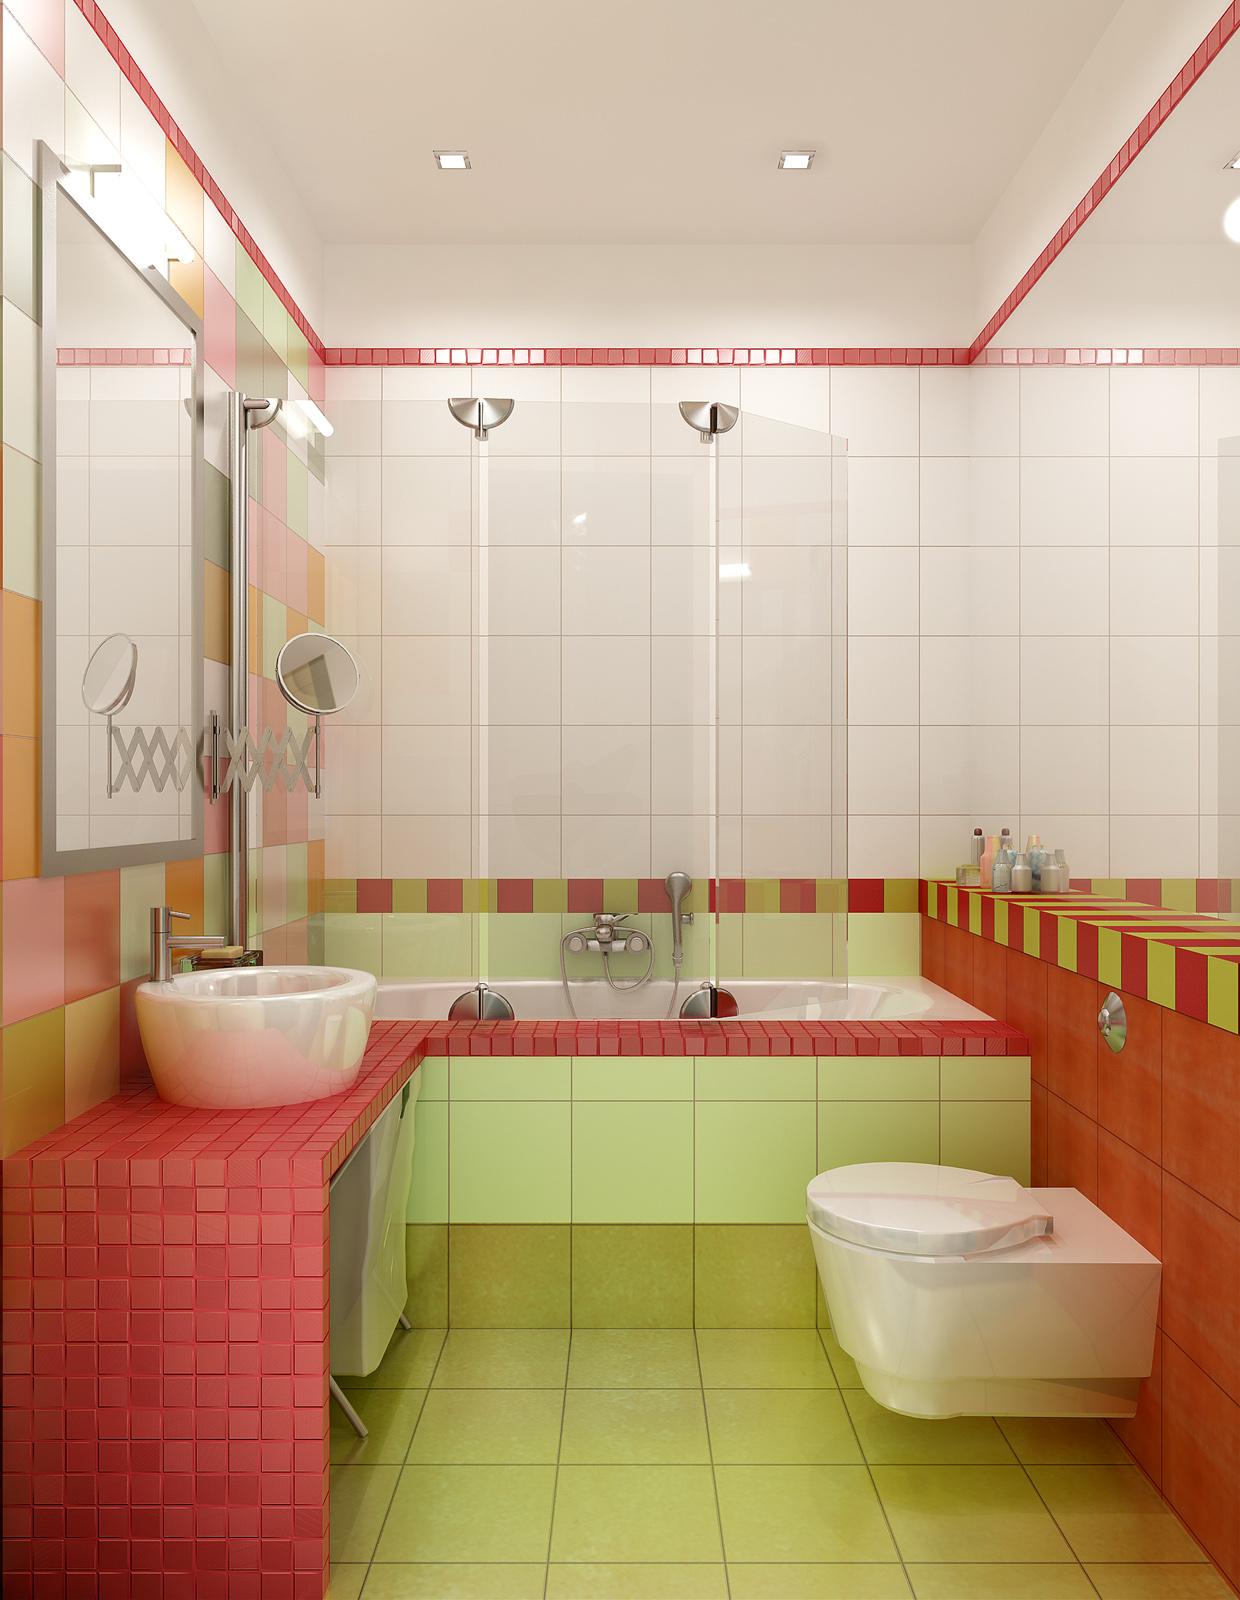 Маленькая ванная комната дизайн фото с ванной и стиральной машиной